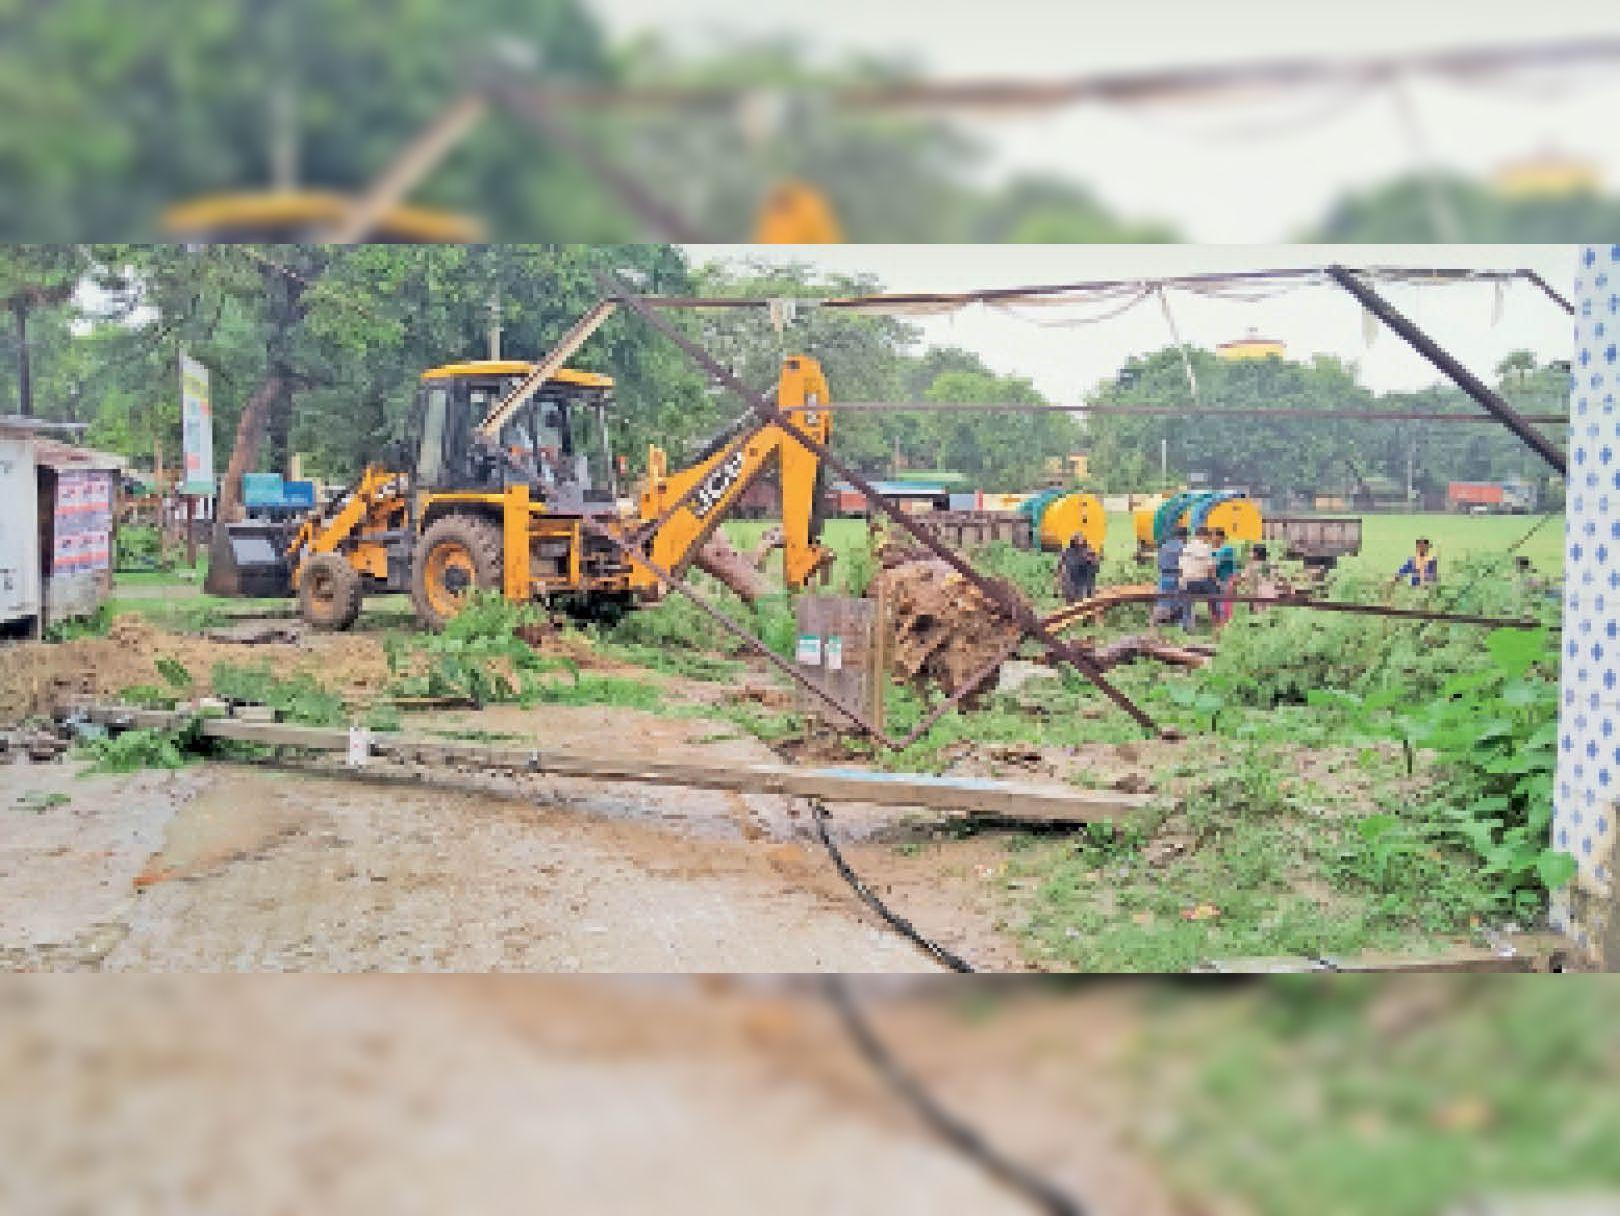 तेज हवा व बारिश के कारण पेड़ विद्युत तार पर गिरने से मची अफरा-तफरी। - Dainik Bhaskar